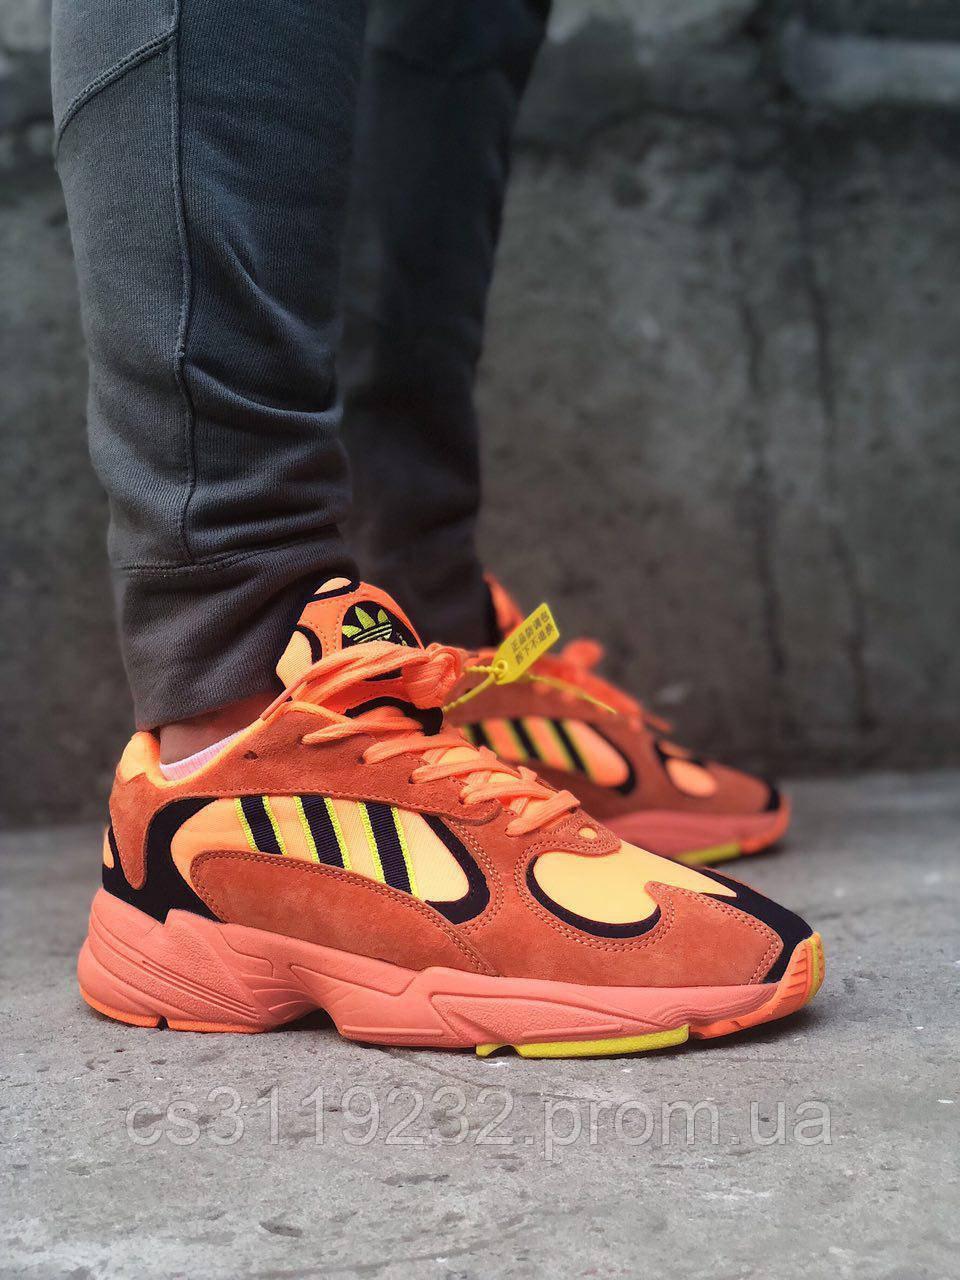 Женские кроссовки Adidas Yung 1 Hi Res Orange (оранжевые)